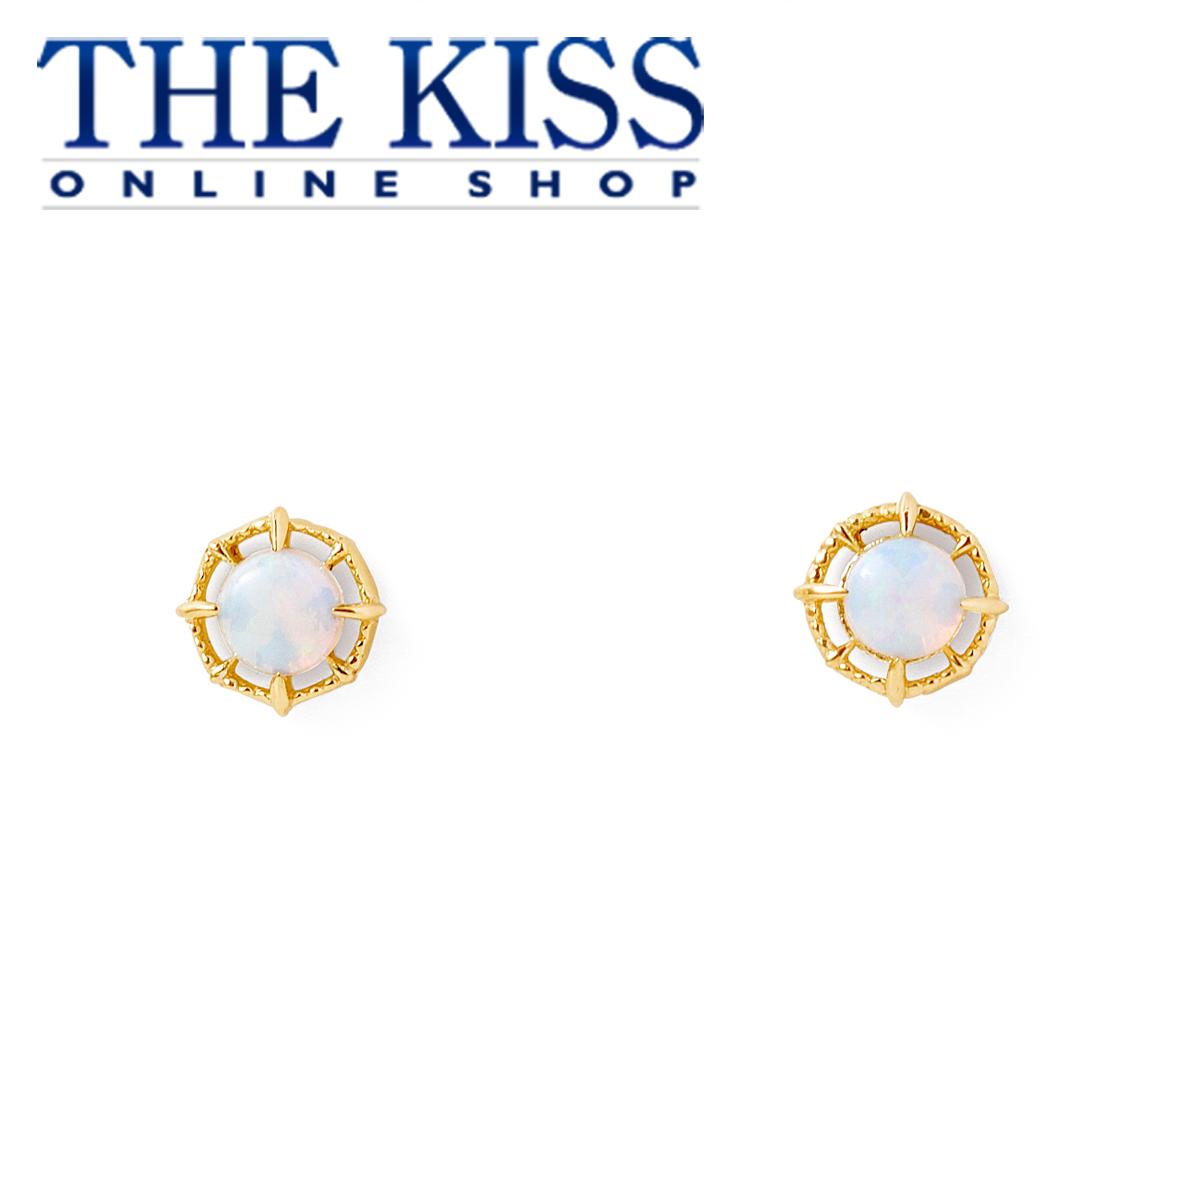 【あす楽対応】【送料無料】【THE KISS sweets】 K10イエローゴールド レディース ピアス ☆ オパール ゴールド レディース ピアス ブランド GOLD Ladies Pierce